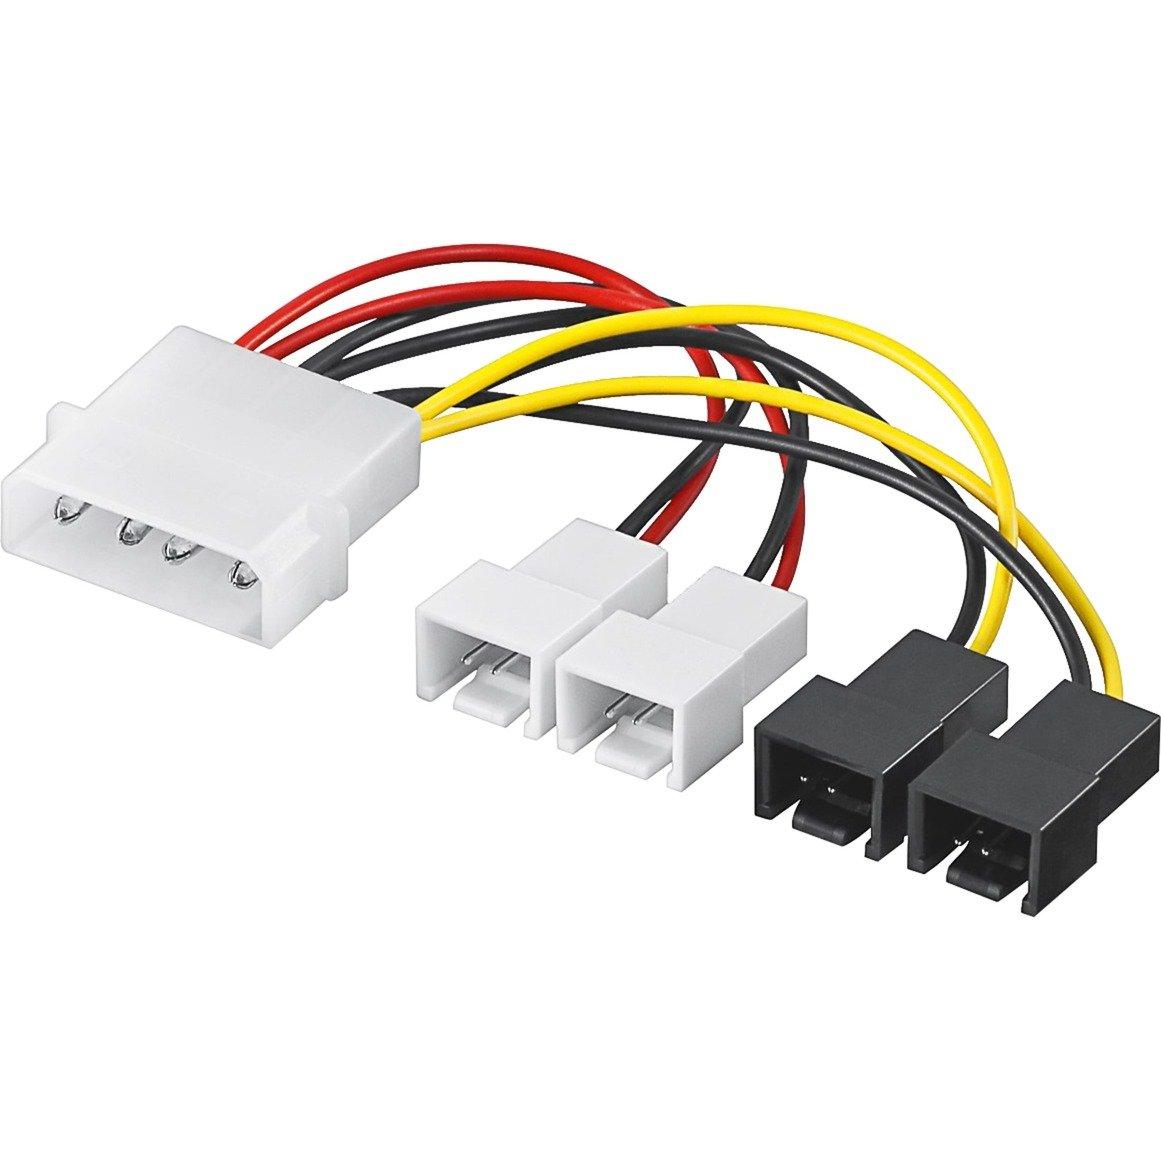 4p-2x-3p-12v-2x-3p-5v-adapter